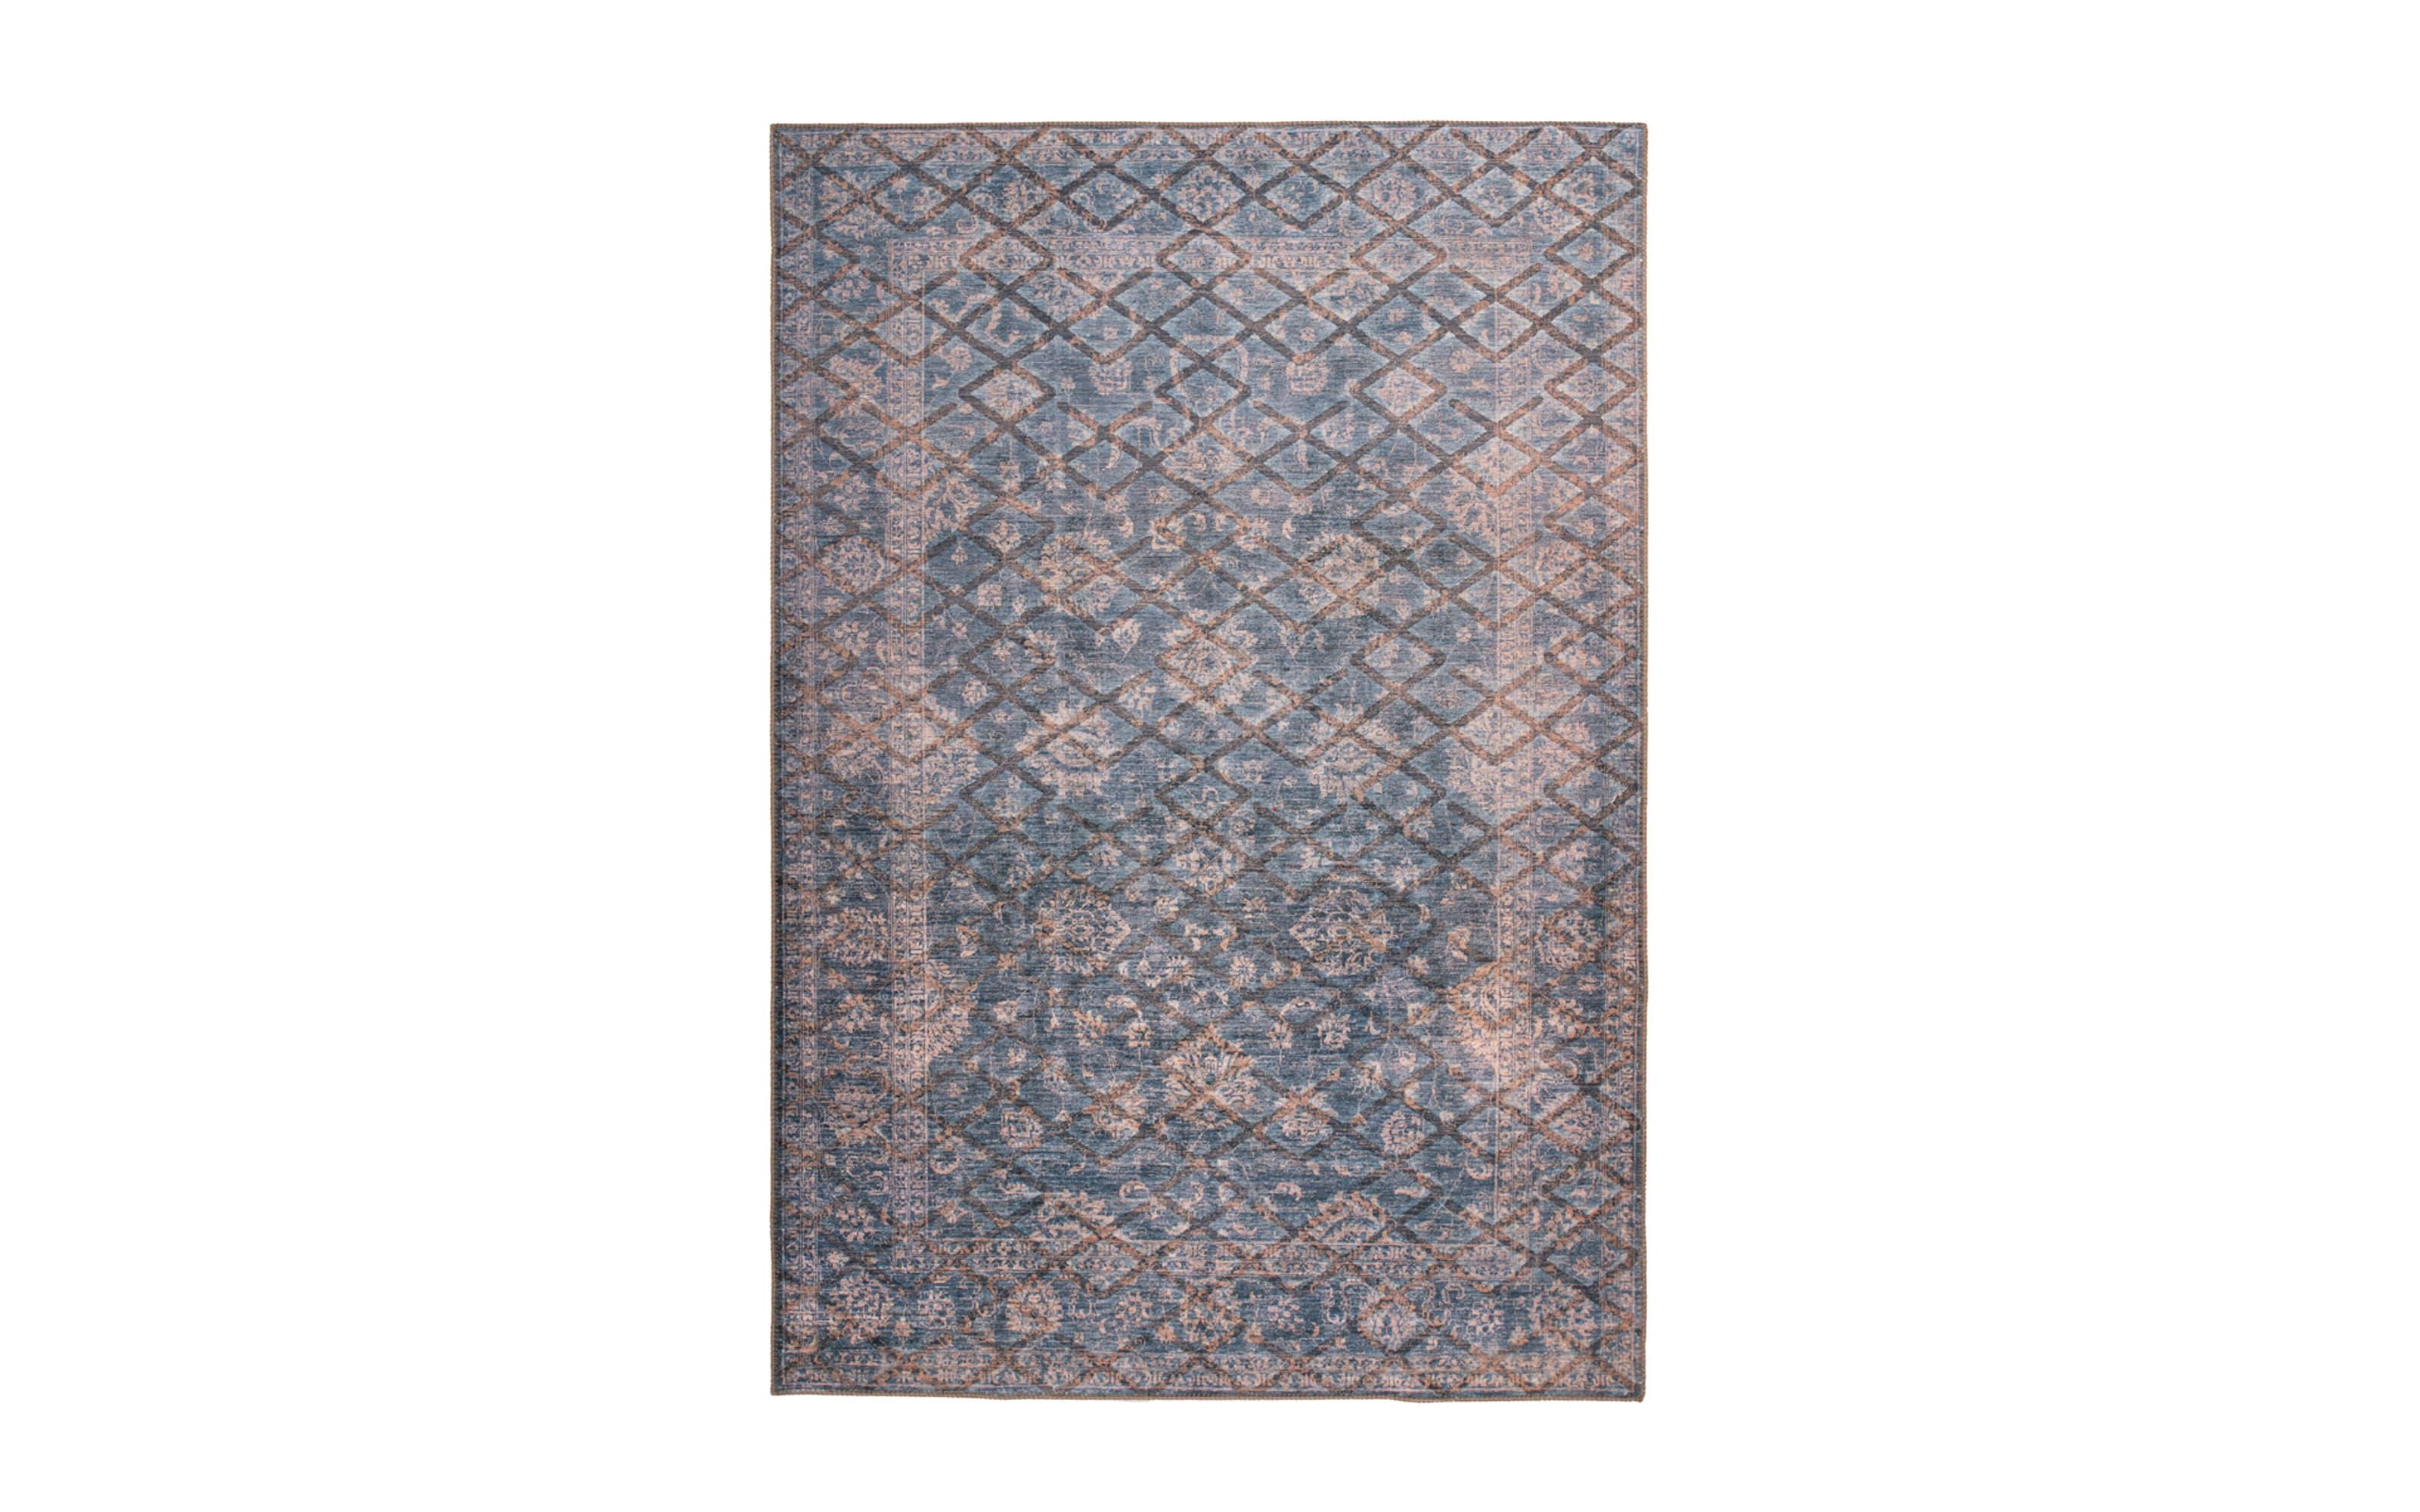 Teppich Antique 225 in blau/gold, 200 x 290 cm